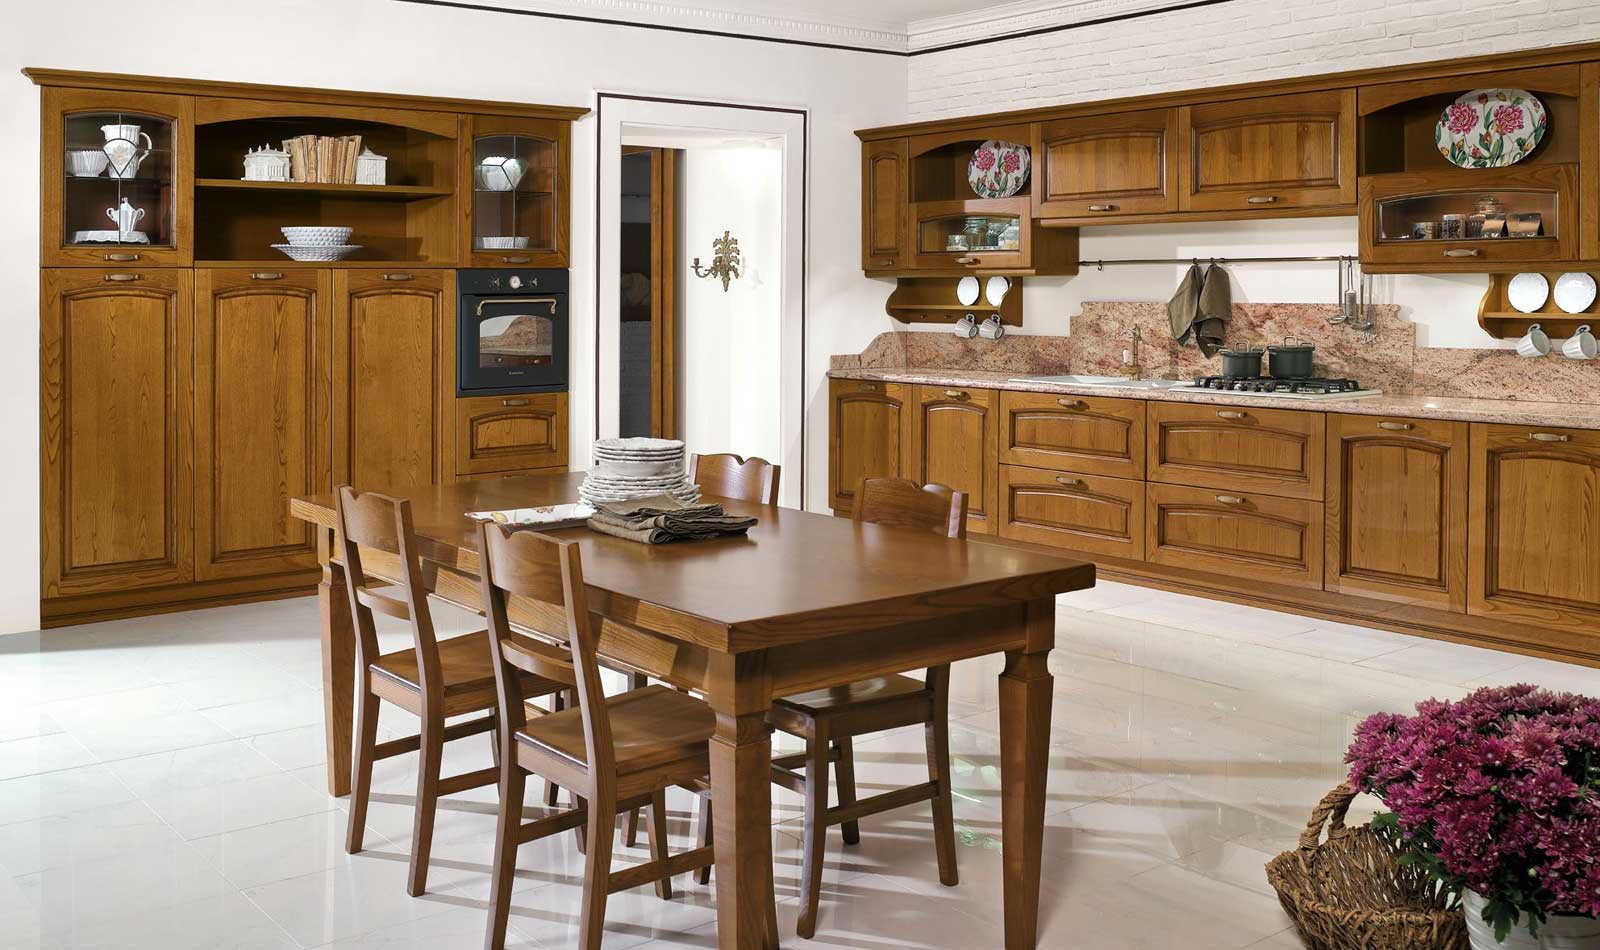 Emma cucina classica negozio arredamento treviso padova for Torino arreda contract